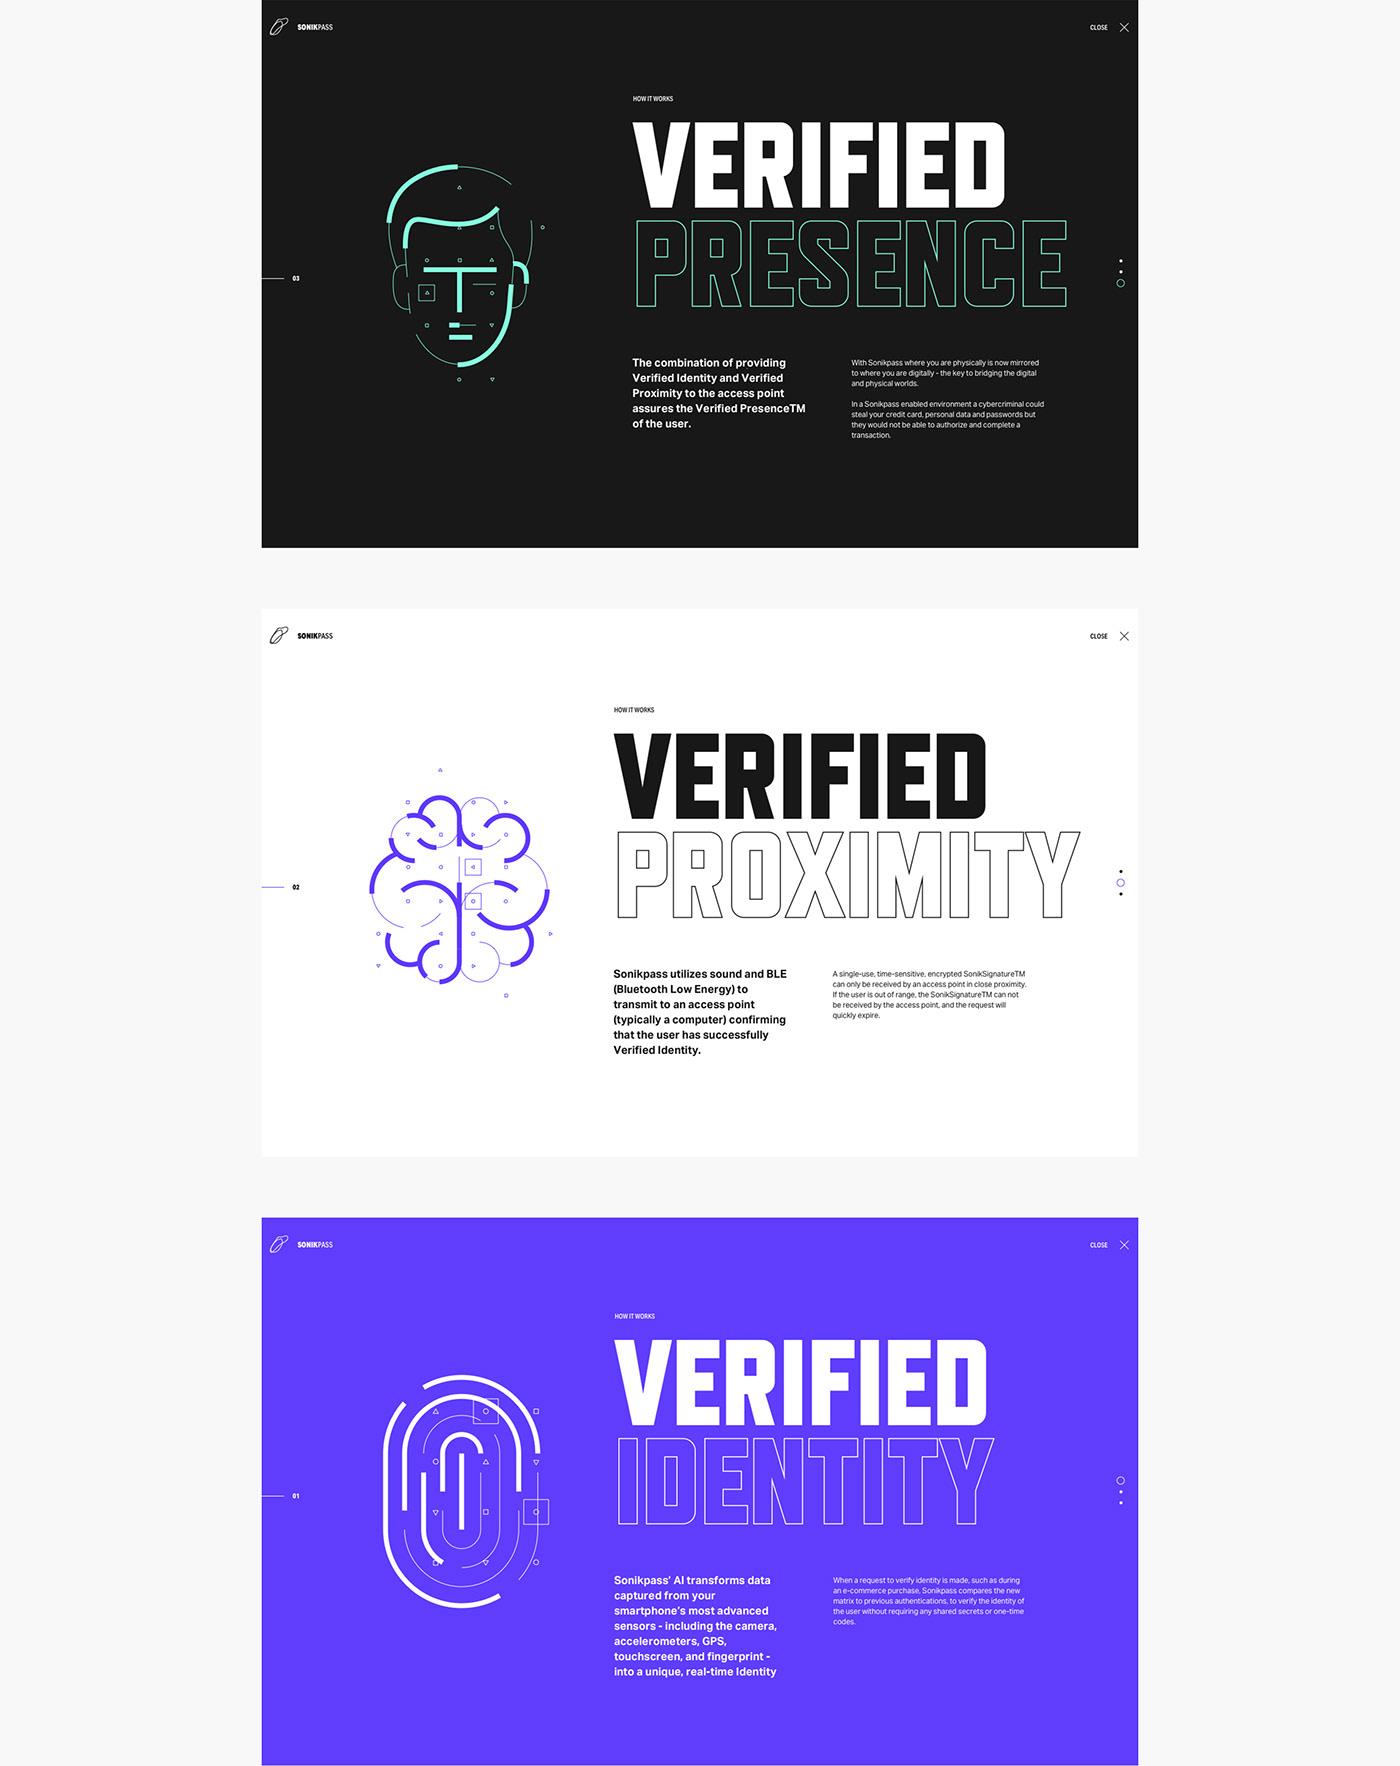 5 Projets de Branding, d'Identité ou de Redesign à voir #22